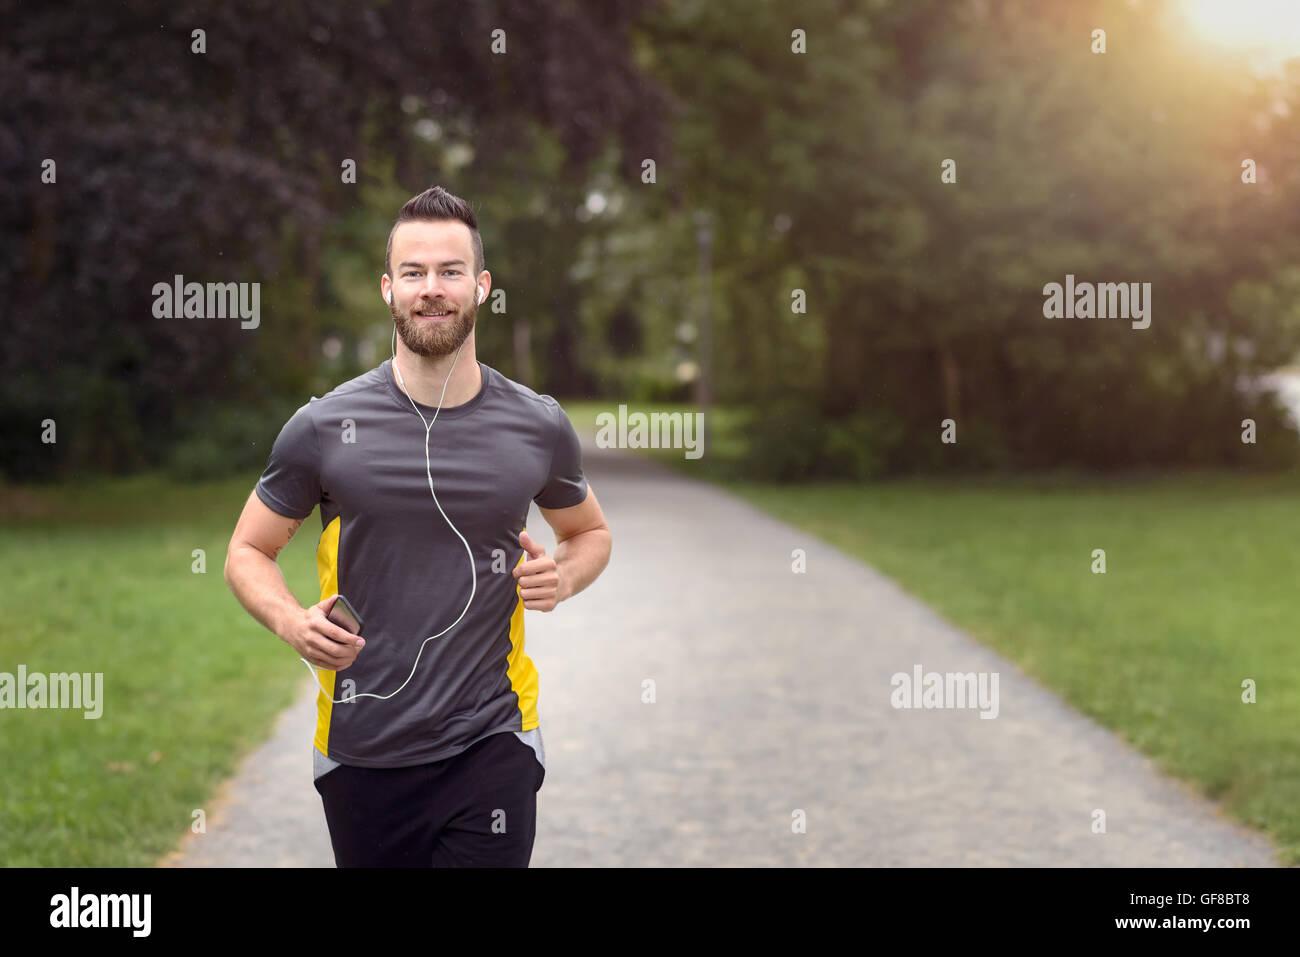 Fit bärtige junge Mann joggen durch den Park, das Anhören von Musik auf seinem Handy, Oberkörper, Stockbild